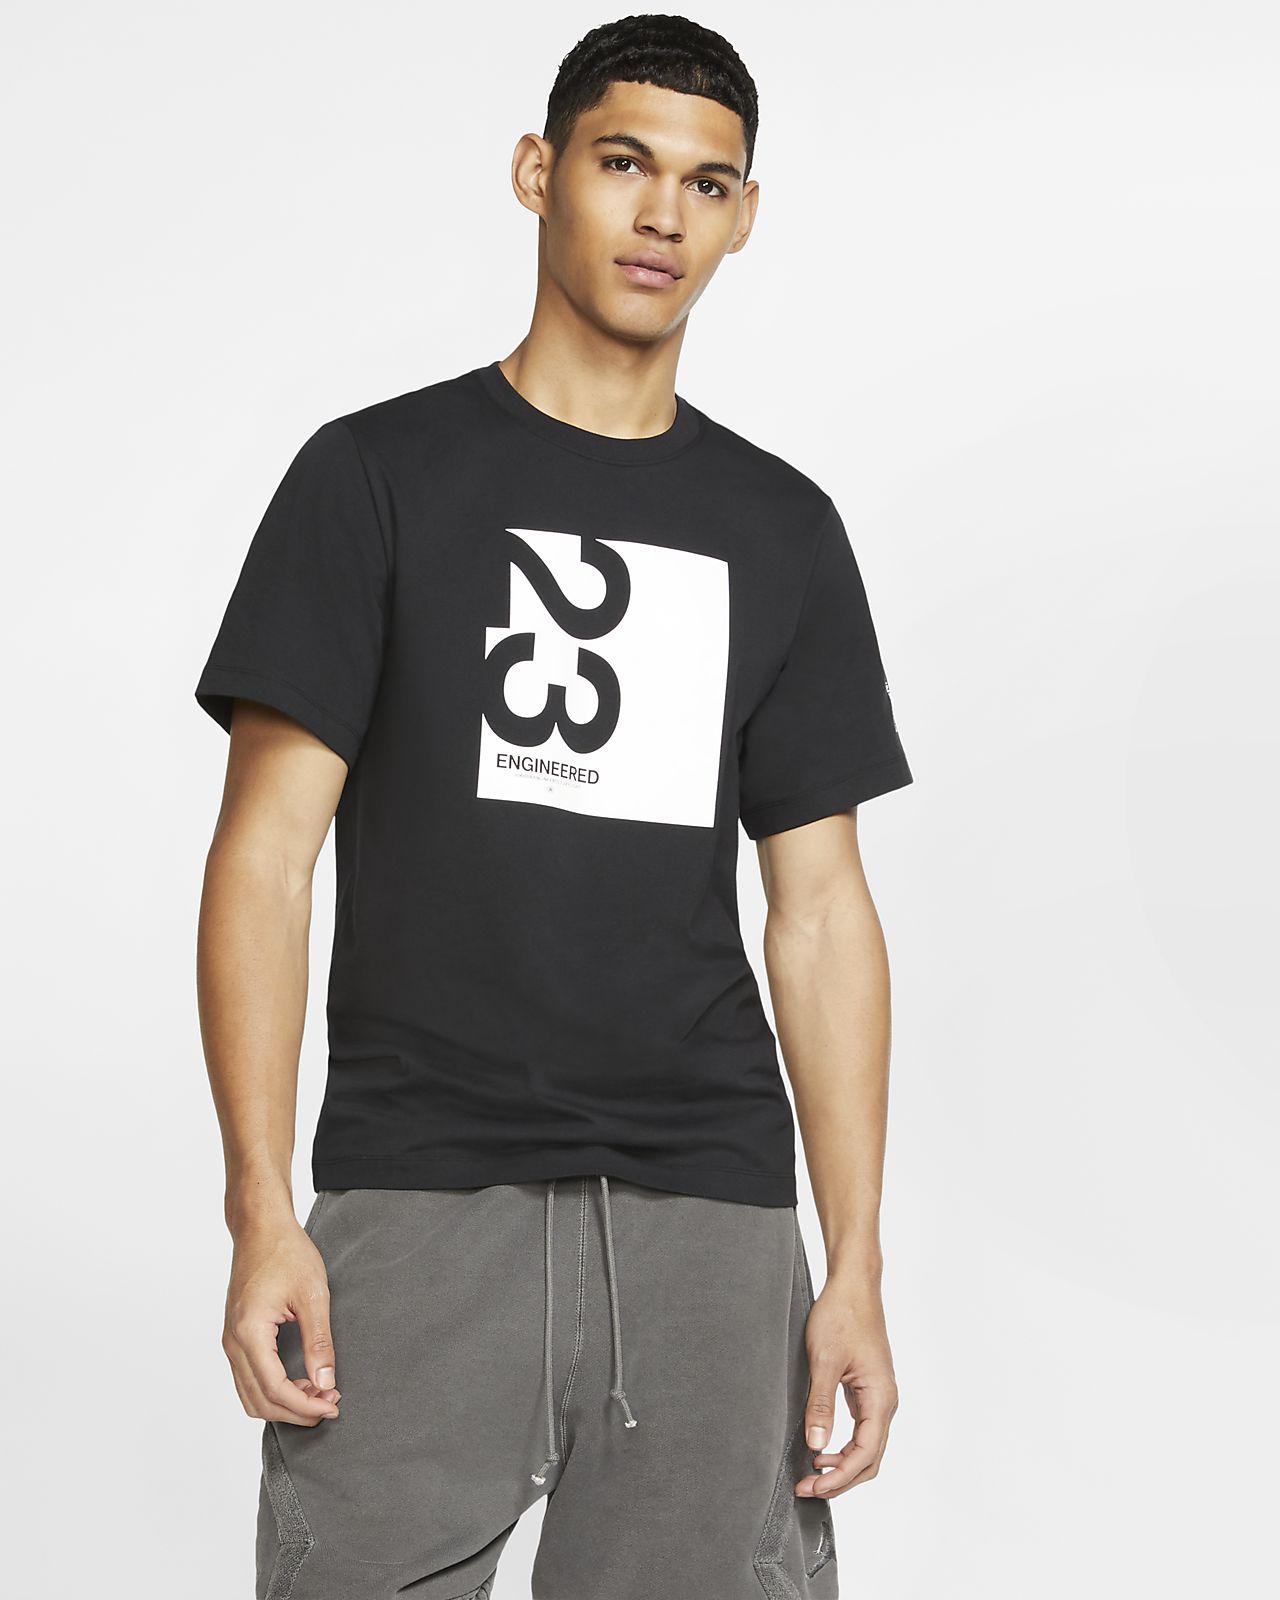 ジョーダン 23 エンジニアード メンズ Tシャツ